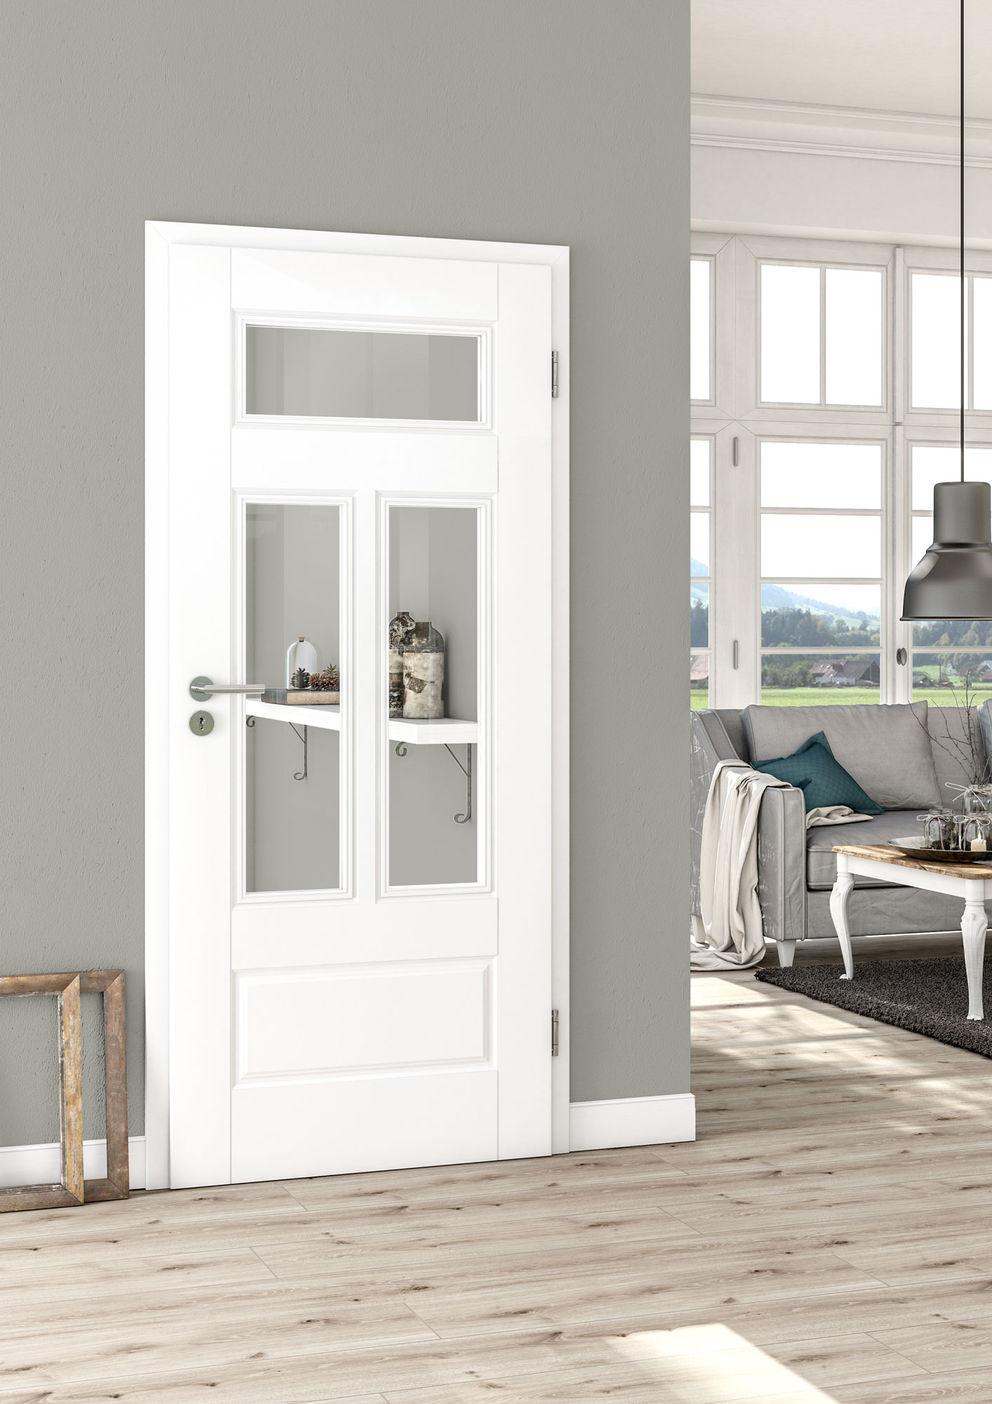 Gut Dresdner Fenster- und Türenstudio - Innentüren GX01